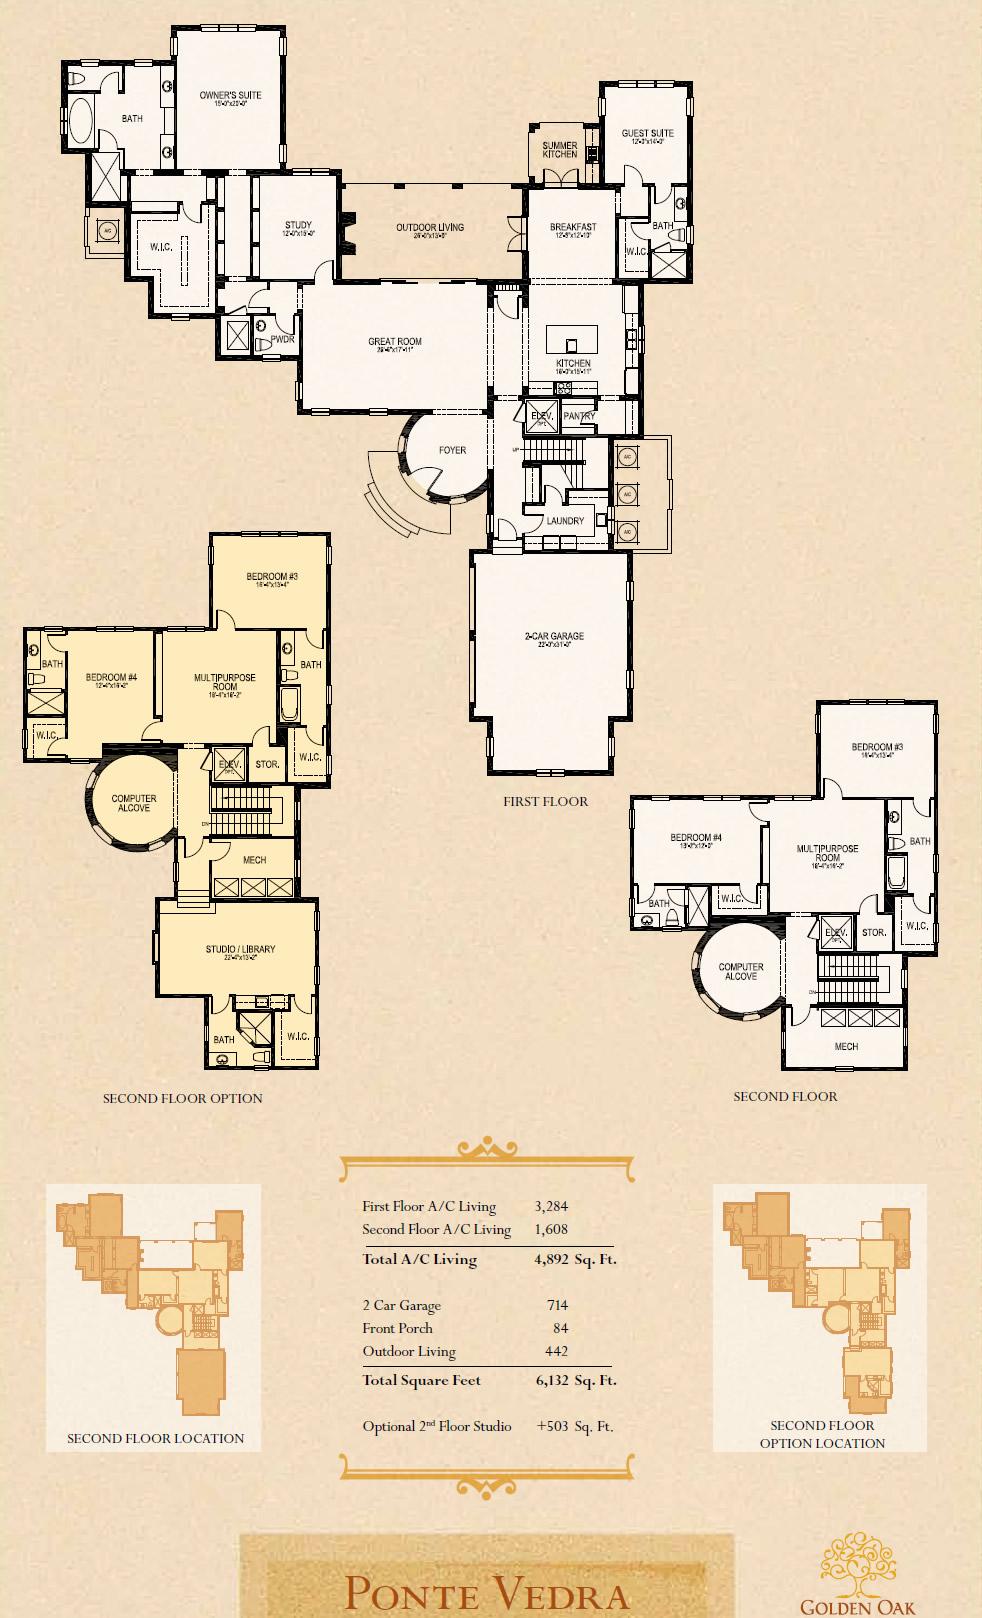 disney golden oak luxury new homes in lake buena vista